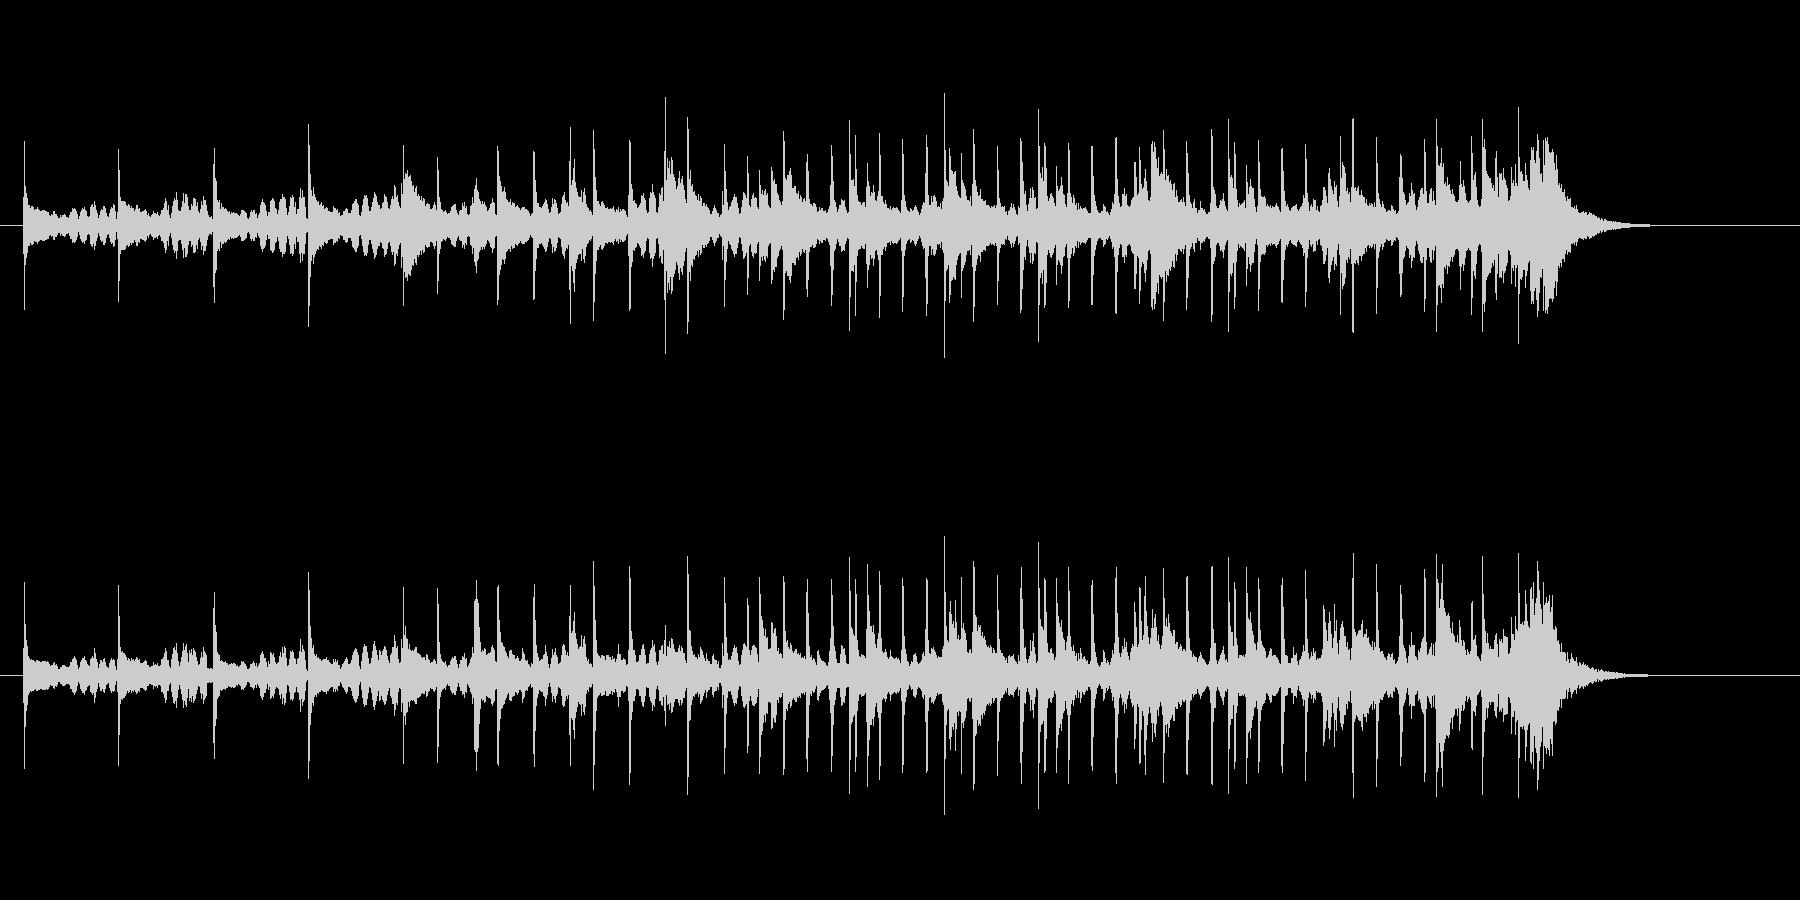 不思議なポップの未再生の波形